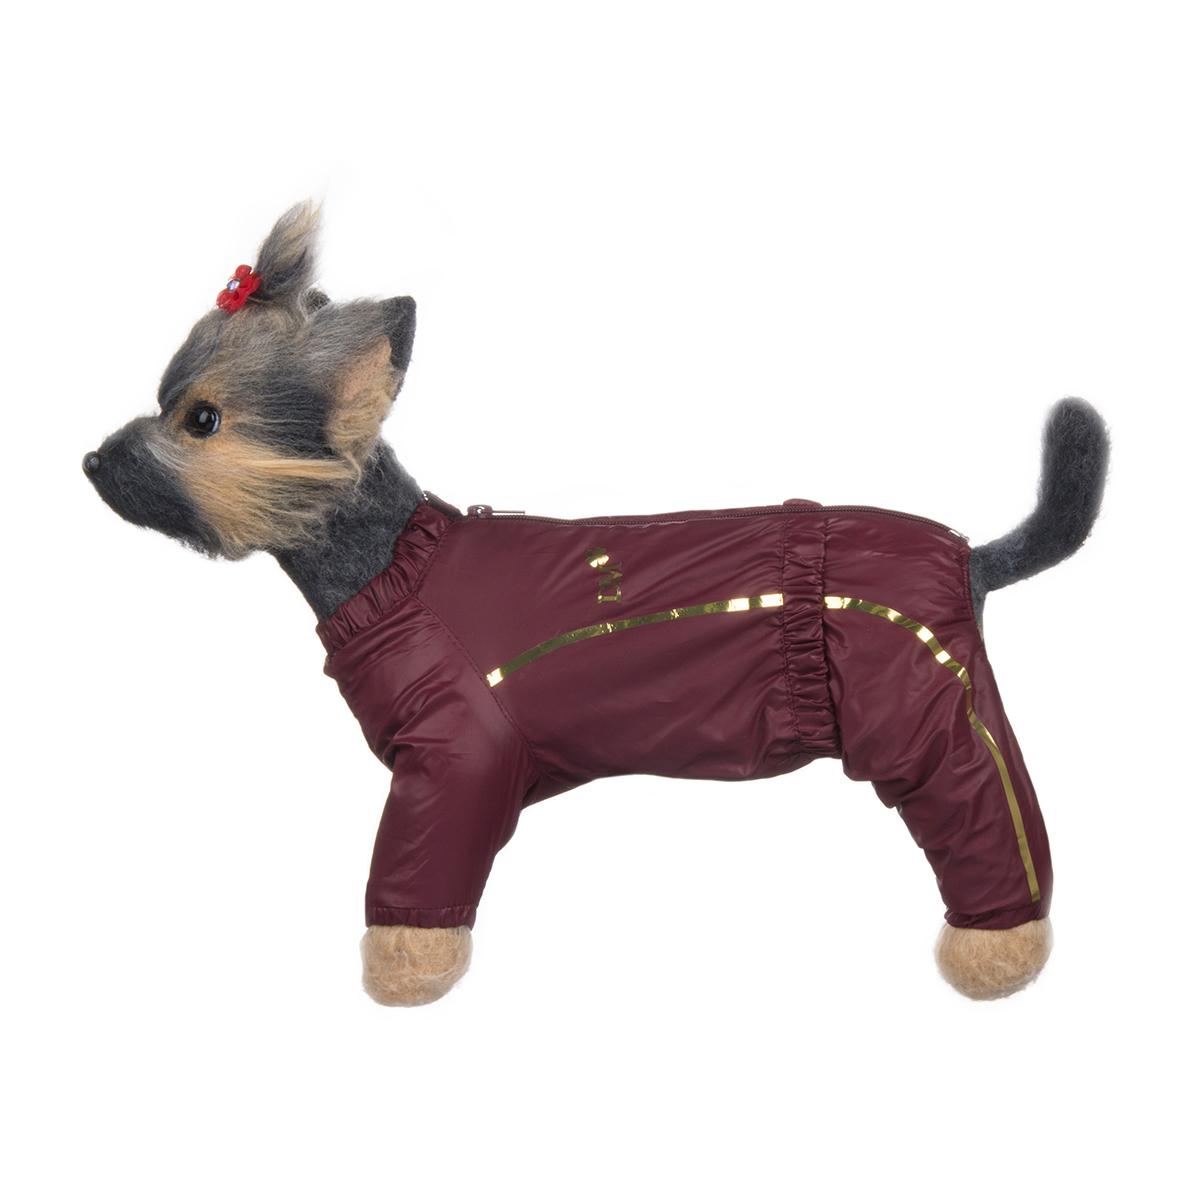 Комбинезон для собак Dogmoda Альпы, для девочки, цвет: бордовый. Размер 1 (S)DM-150325-1Комбинезон для собак Dogmoda Альпы отлично подойдет для прогулок поздней осенью или ранней весной. Комбинезон изготовлен из полиэстера, защищающего от ветра и осадков, с подкладкой из флиса, которая сохранит тепло и обеспечит отличный воздухообмен. Комбинезон застегивается на молнию и липучку, благодаря чему его легко надевать и снимать. Ворот, низ рукавов и брючин оснащены внутренними резинками, которые мягко обхватывают шею и лапки, не позволяя просачиваться холодному воздуху. На пояснице имеется внутренняя резинка. Изделие декорировано золотистыми полосками и надписью DM. Благодаря такому комбинезону простуда не грозит вашему питомцу и он не даст любимцу продрогнуть на прогулке.